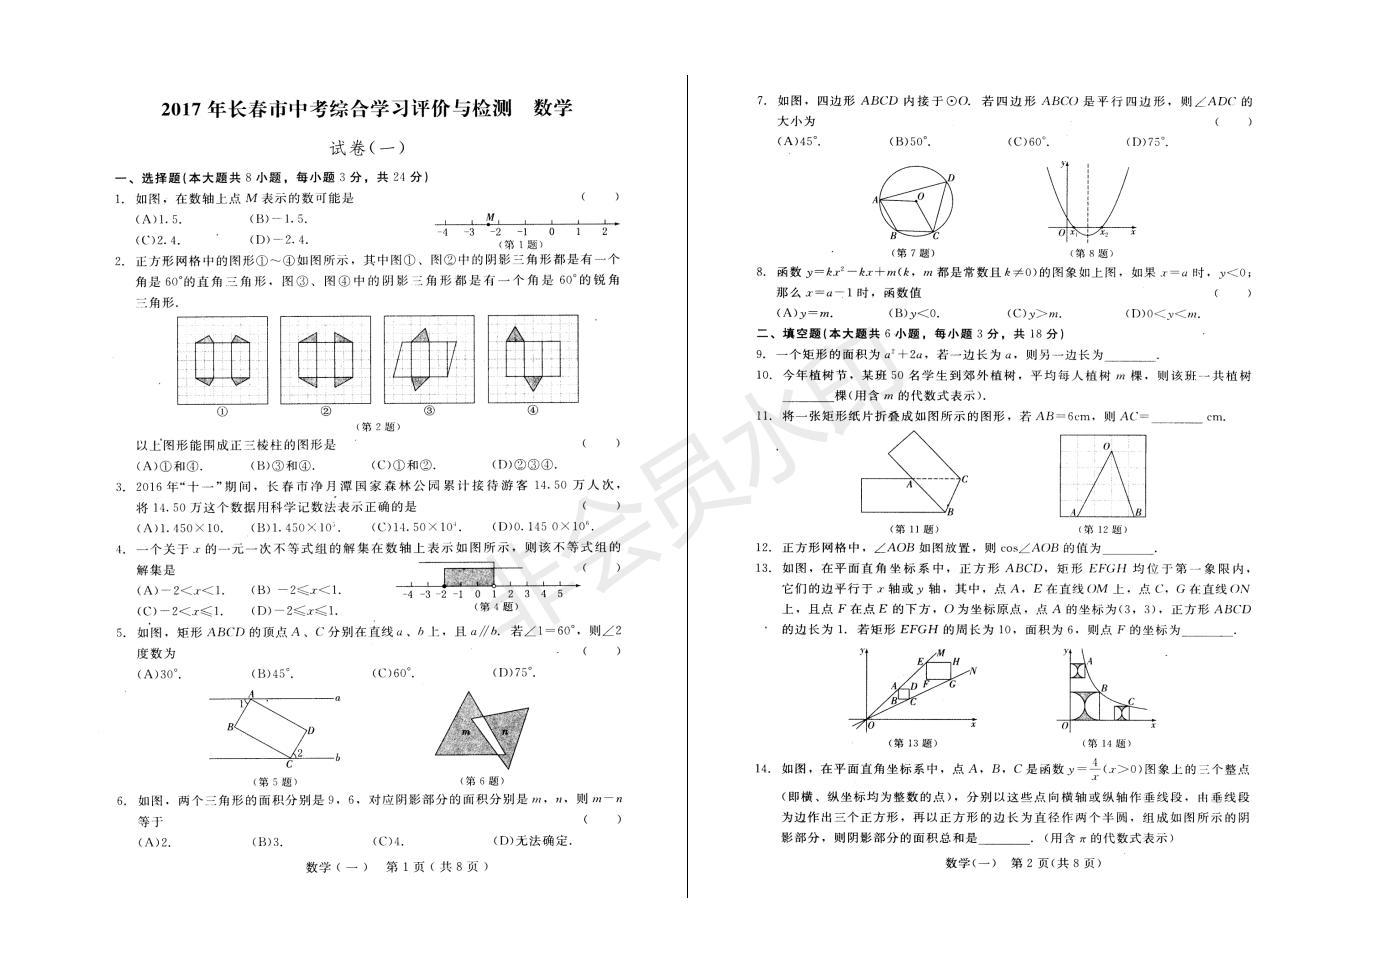 长春市中考综合学习评价与检测数学试卷(一)(ZKSX0194)